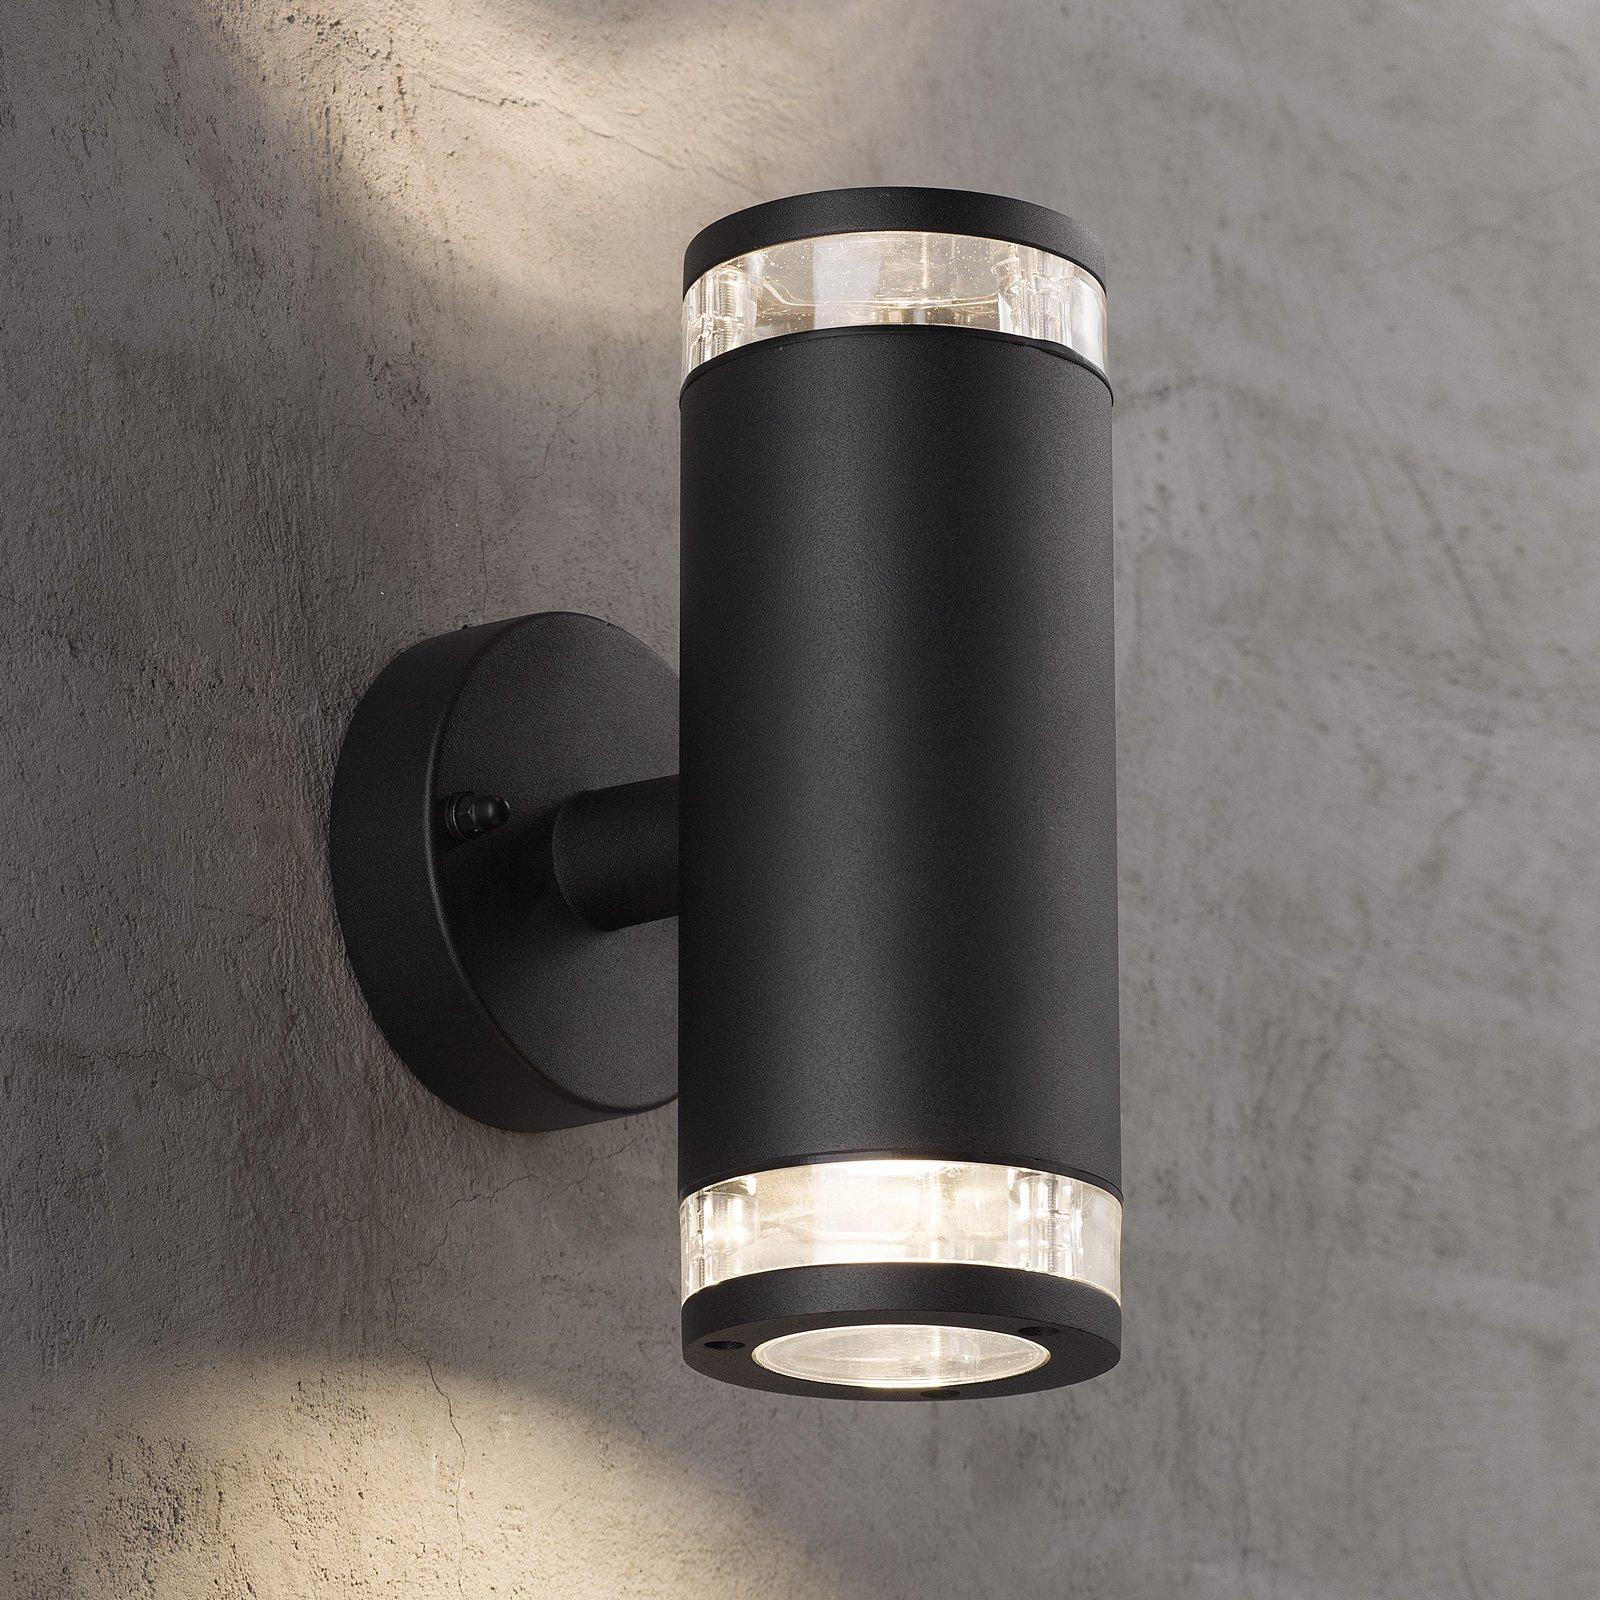 Utendørs vegglampe Birk, 2 lyskilder, svart